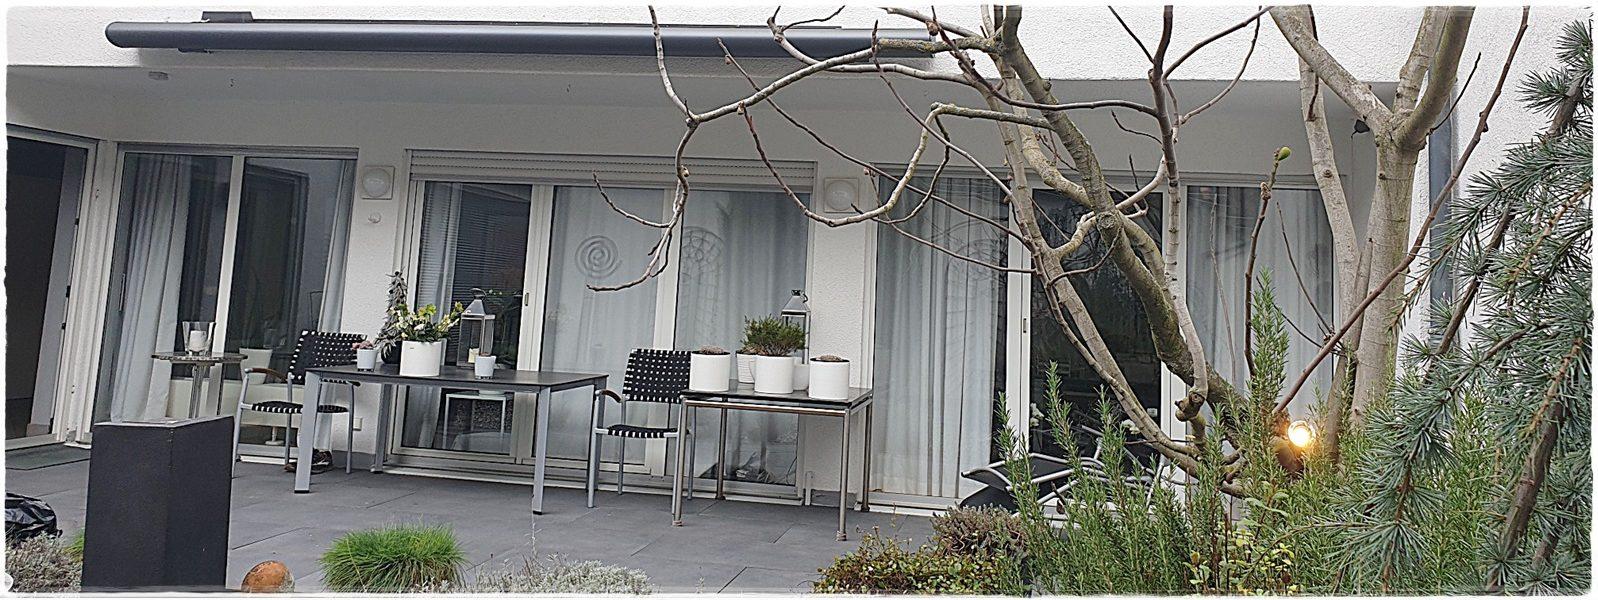 Kein Haus von der Stange  ++++ Tolles 5 Zi. Einfamilienhaus mit Terrasse und uneinsehbarer Garten sowie Garage inkl.